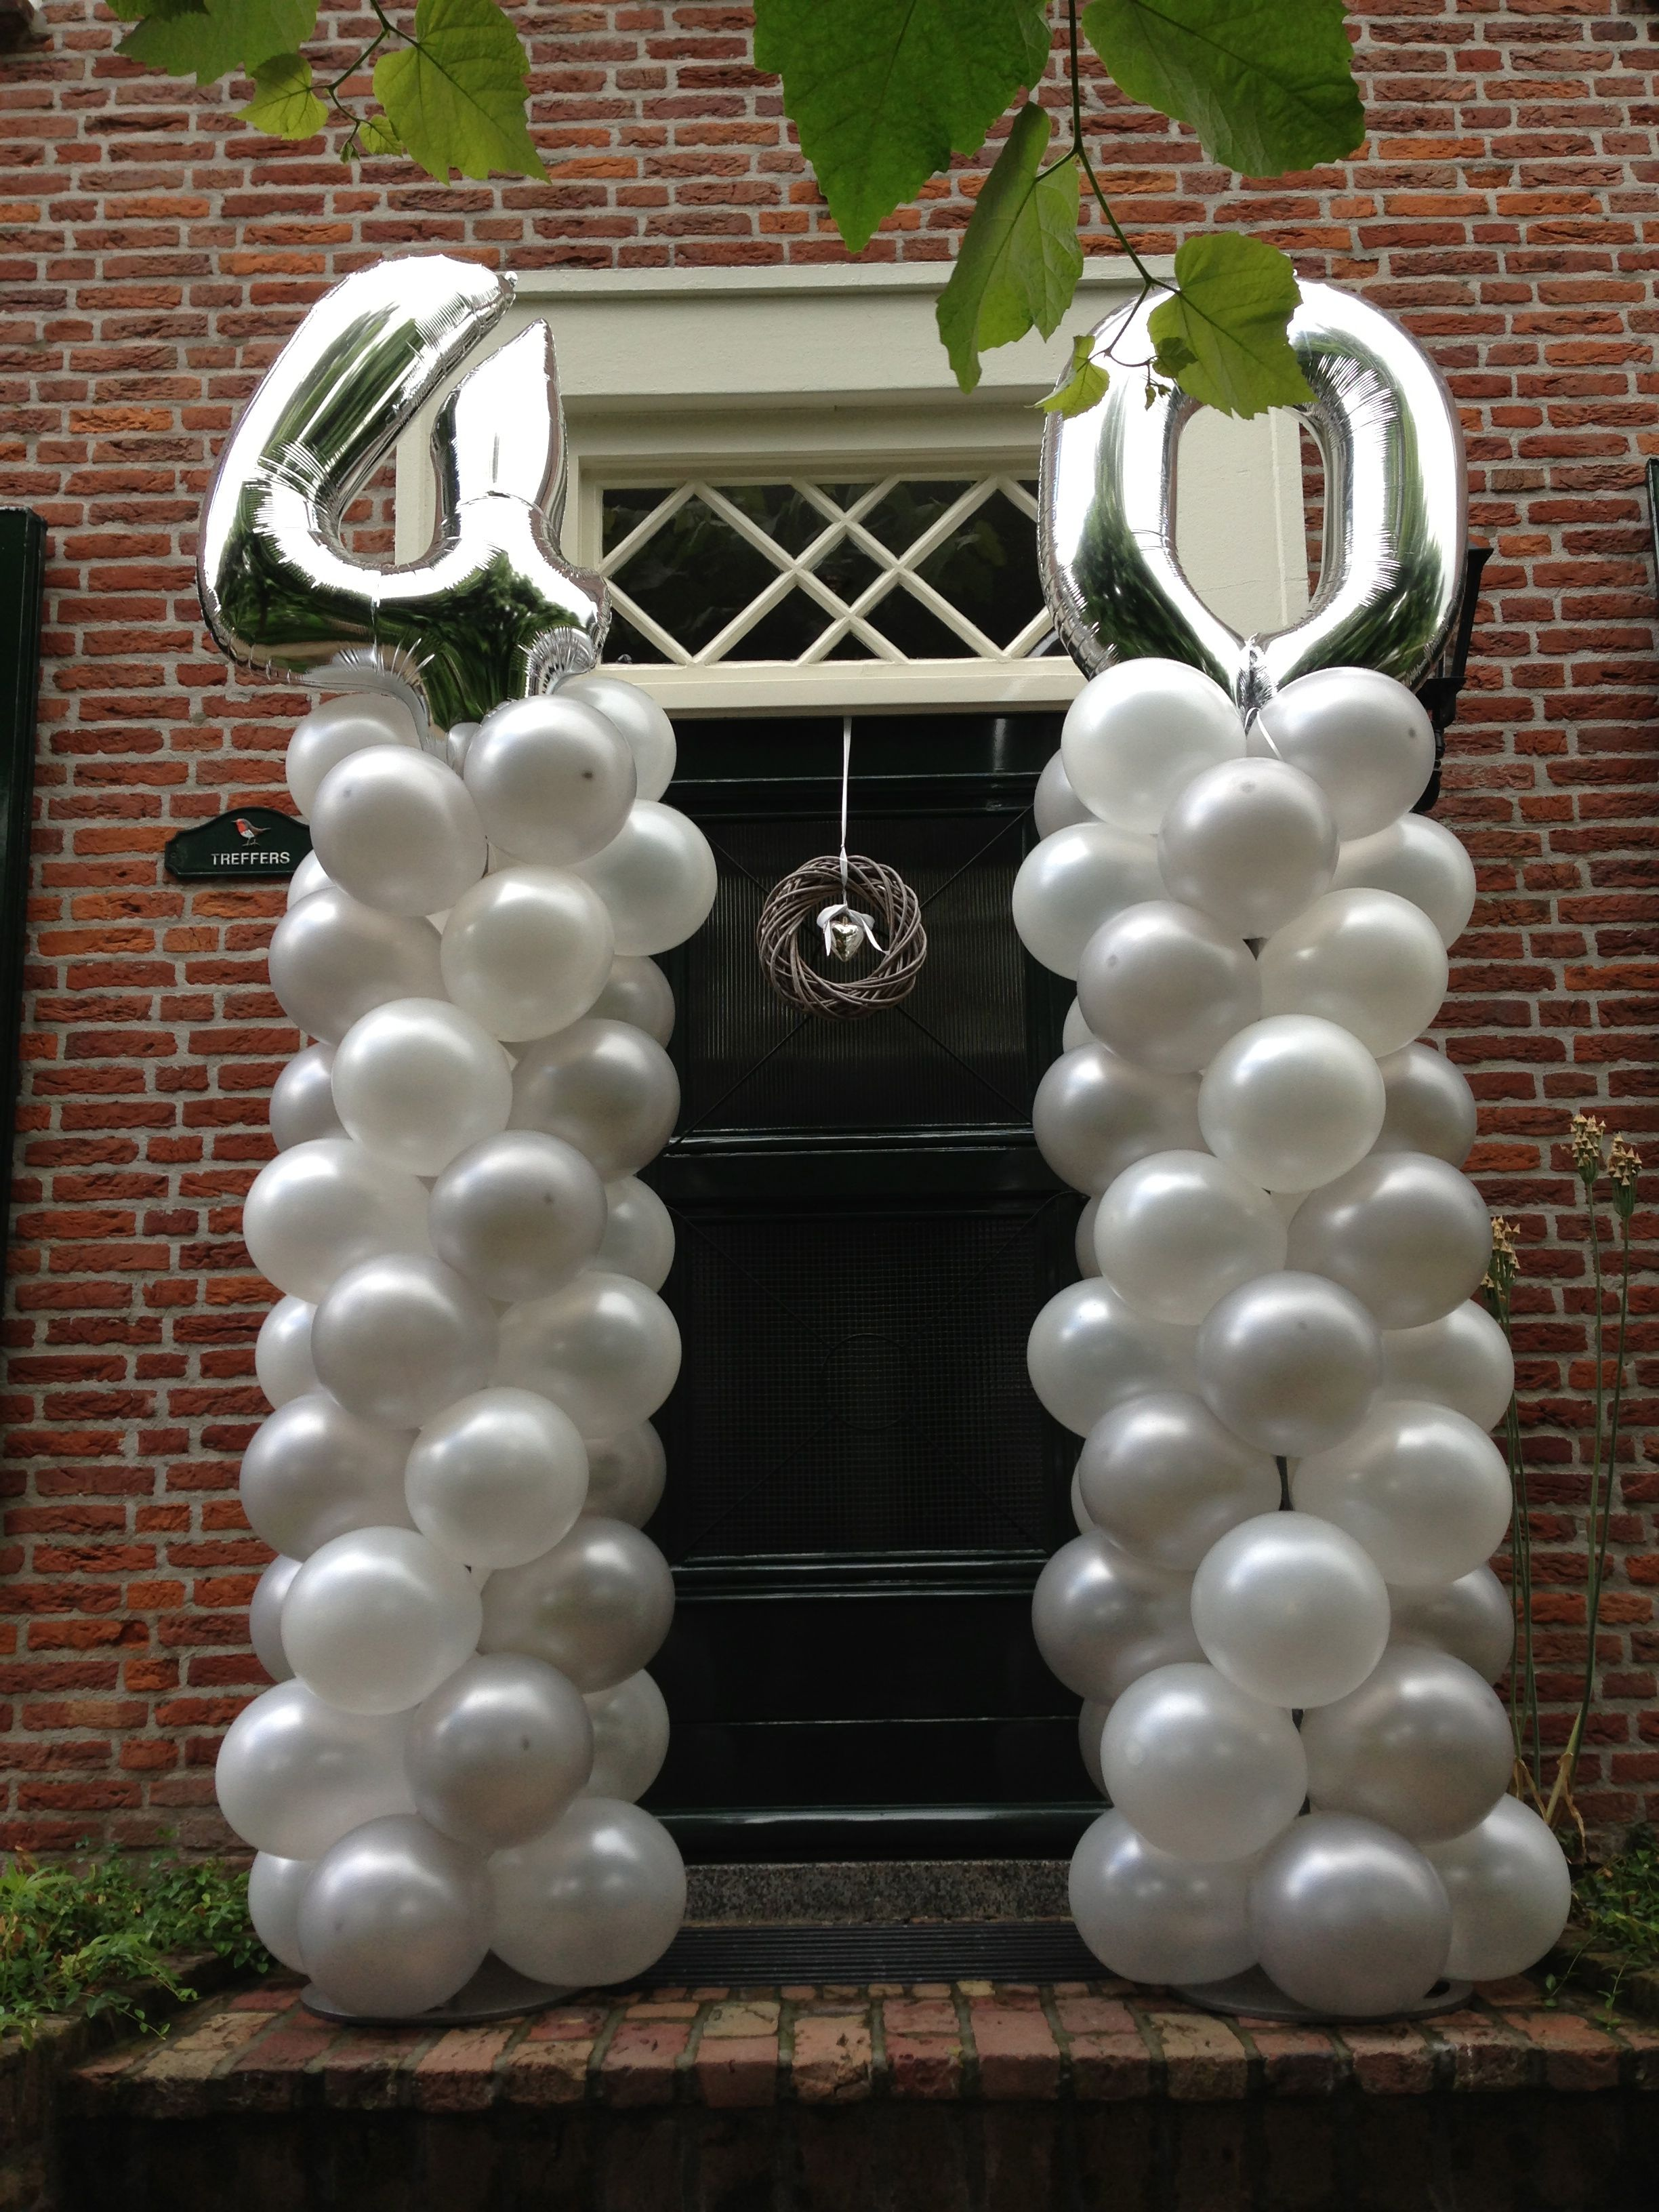 naam 40 jarig huwelijk 40 jarig huwelijk | Ballon Columns | Pinterest naam 40 jarig huwelijk